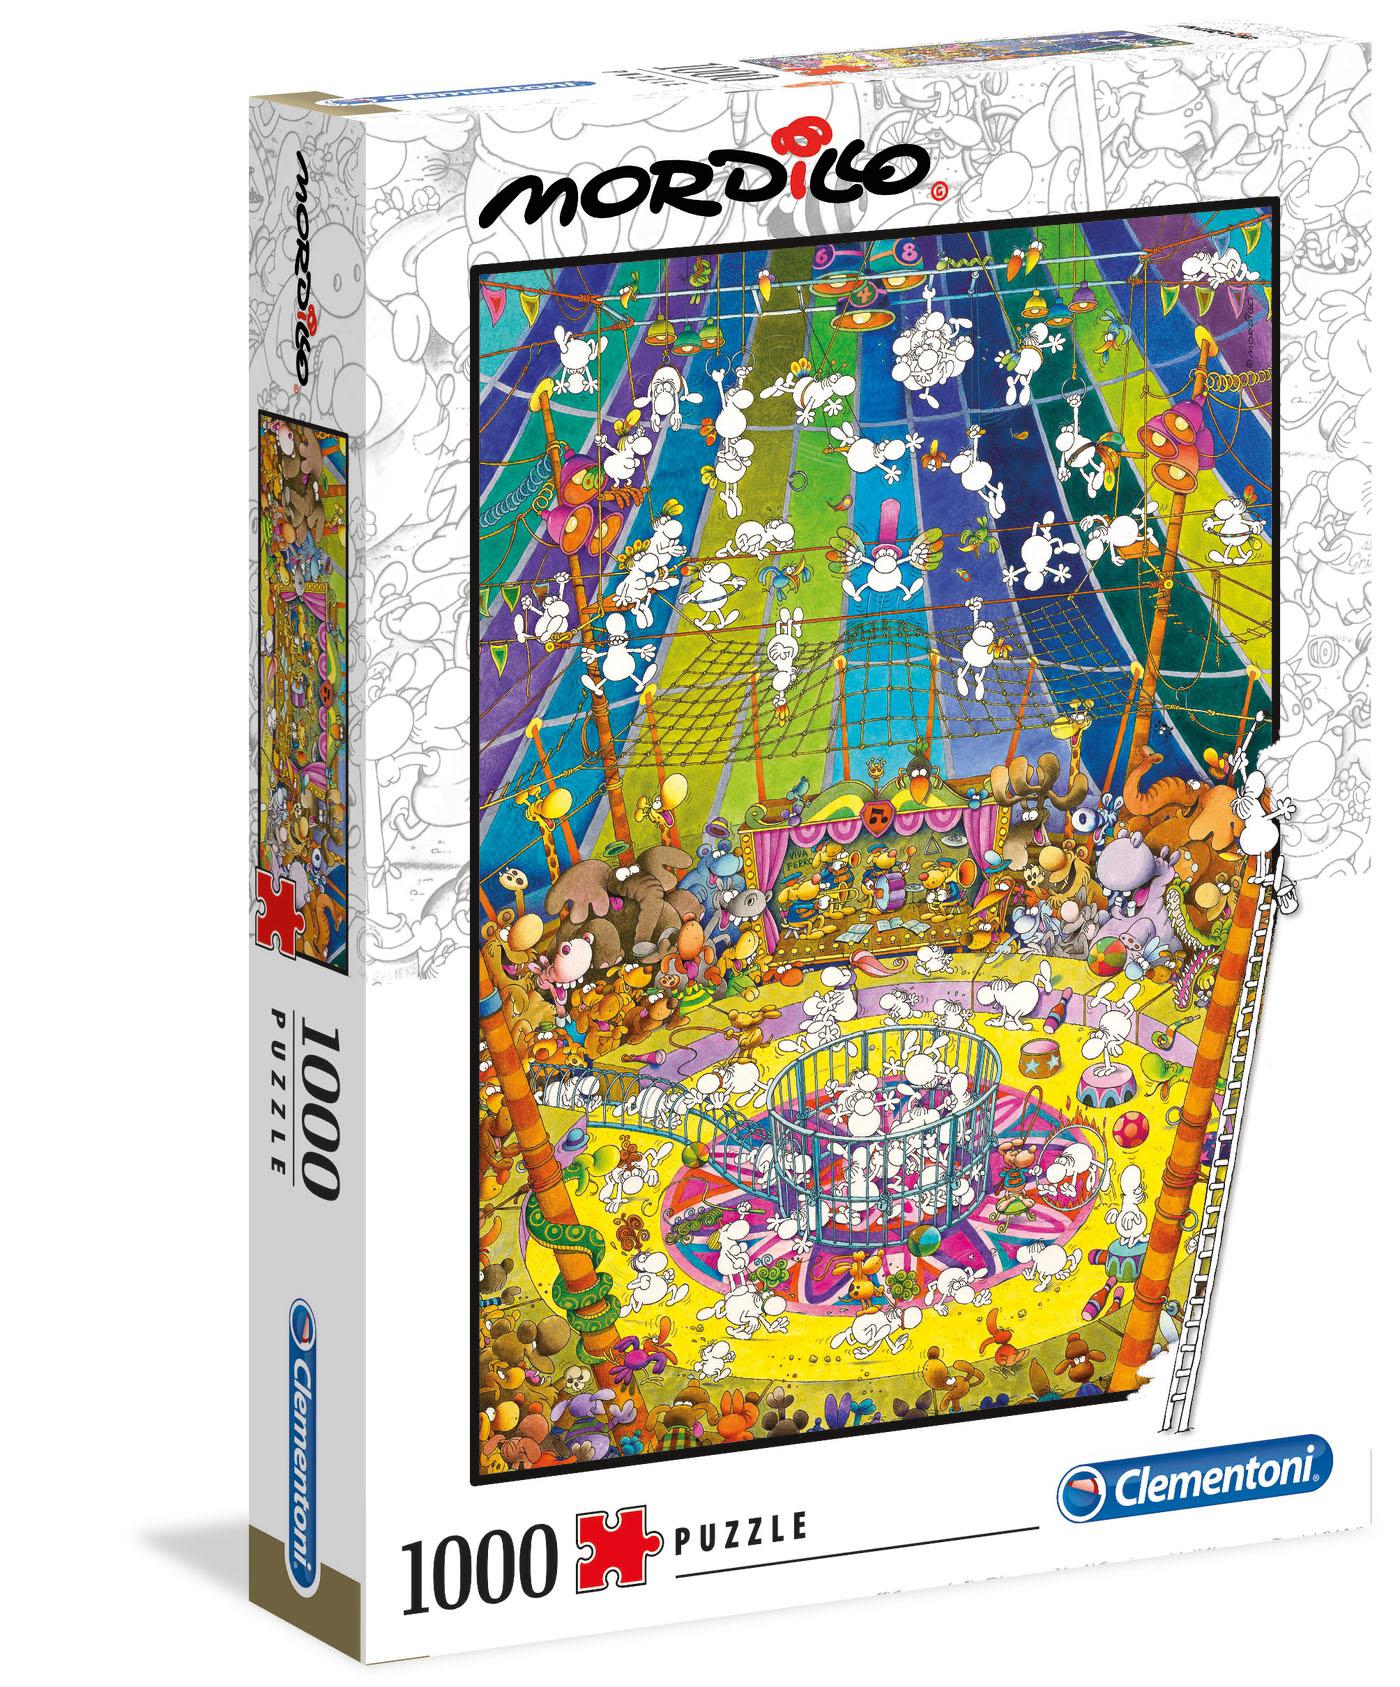 Mordillo El Show | Puzzle Clementoni 1000 Piezas